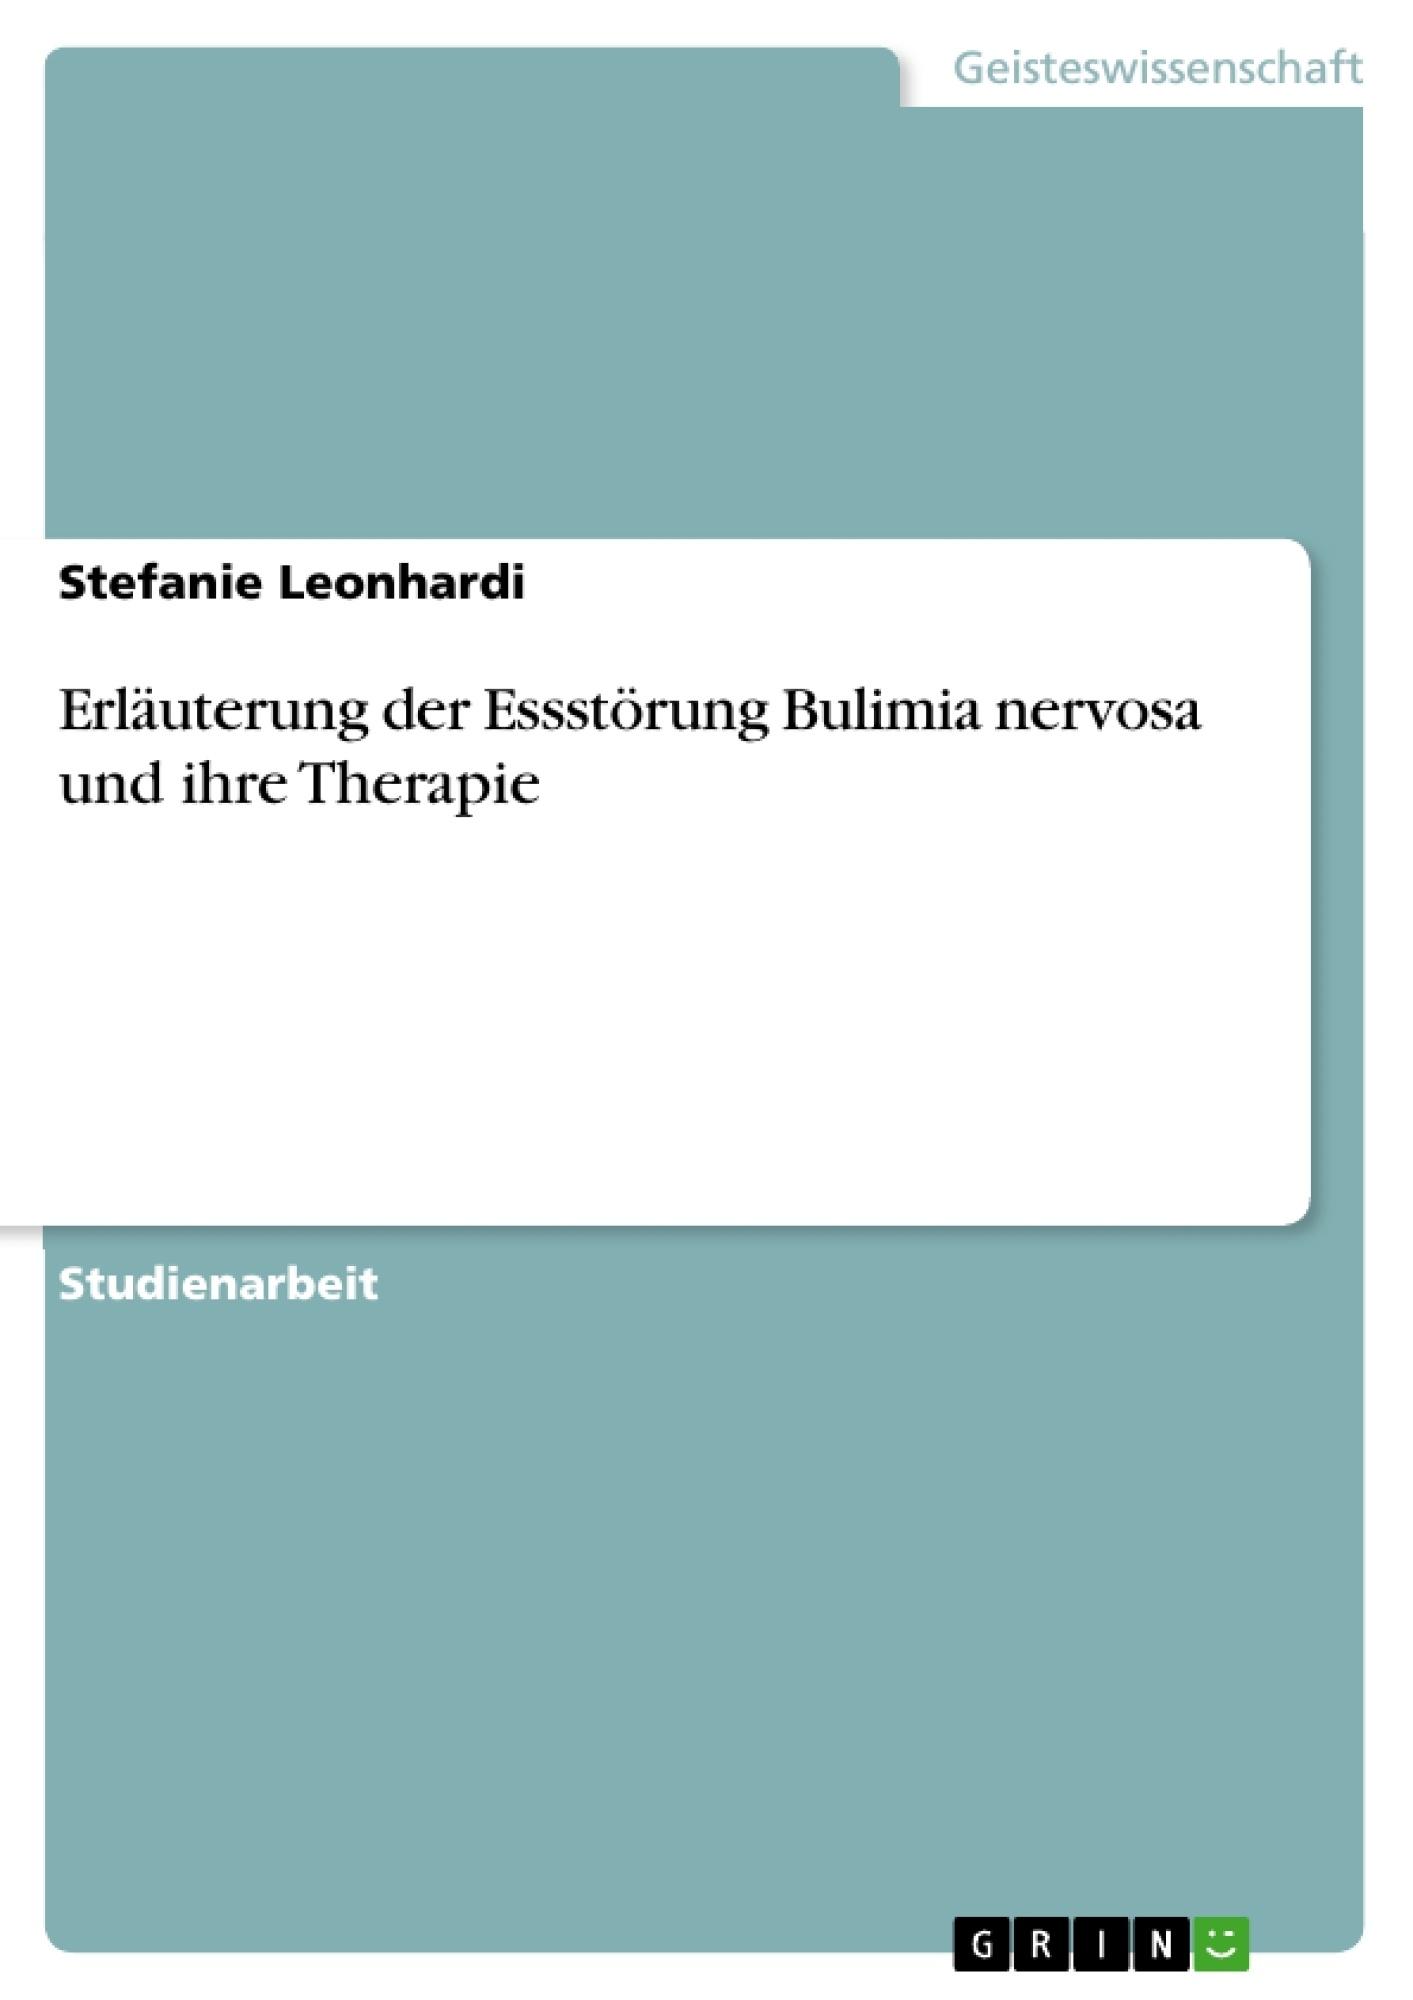 Titel: Erläuterung der Essstörung Bulimia nervosa und ihre Therapie